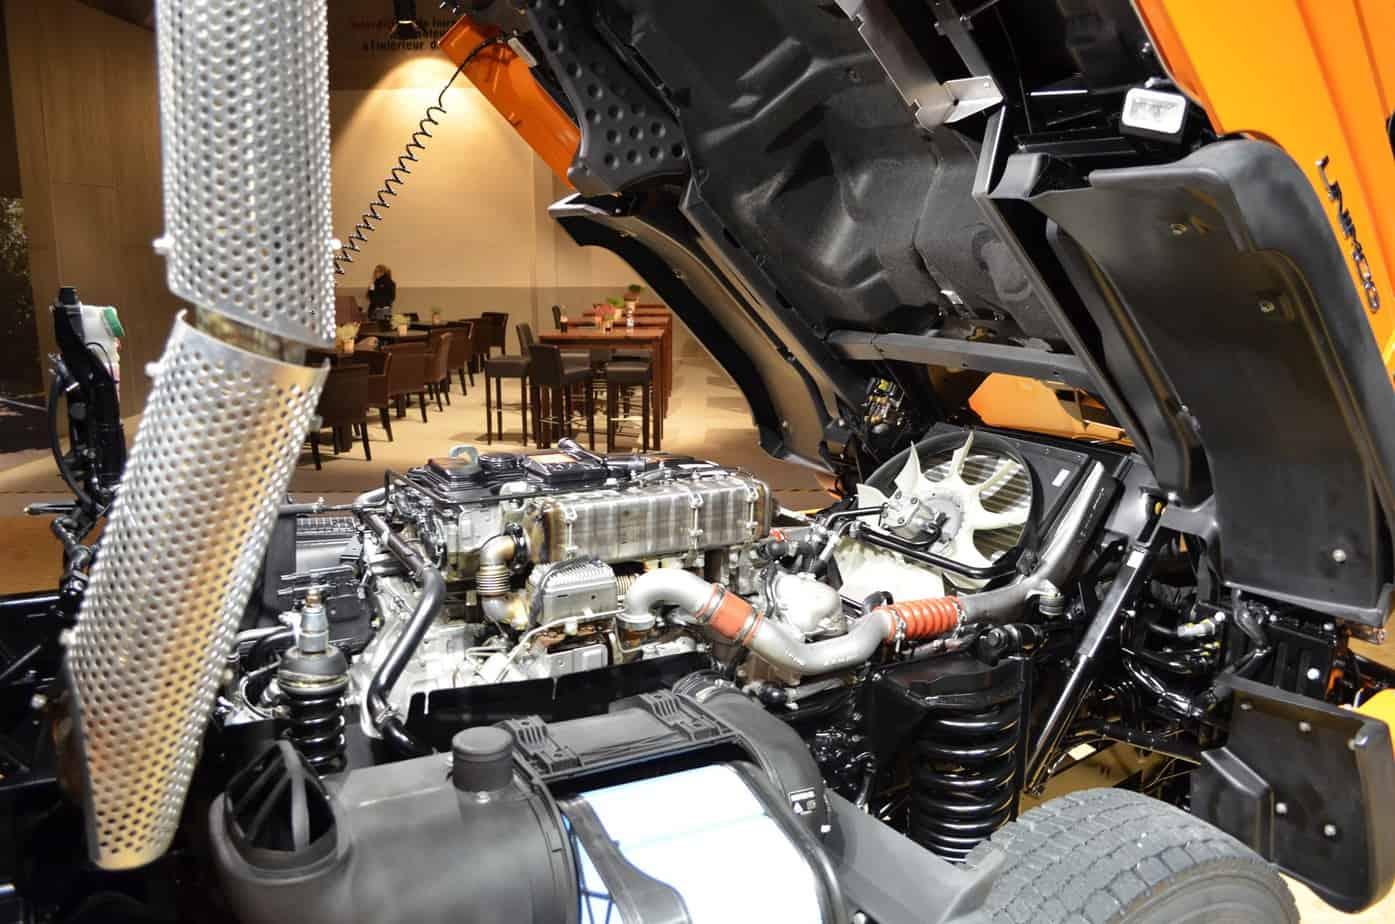 I nuovi motori Euro 6 con potenza fino a 299 CV